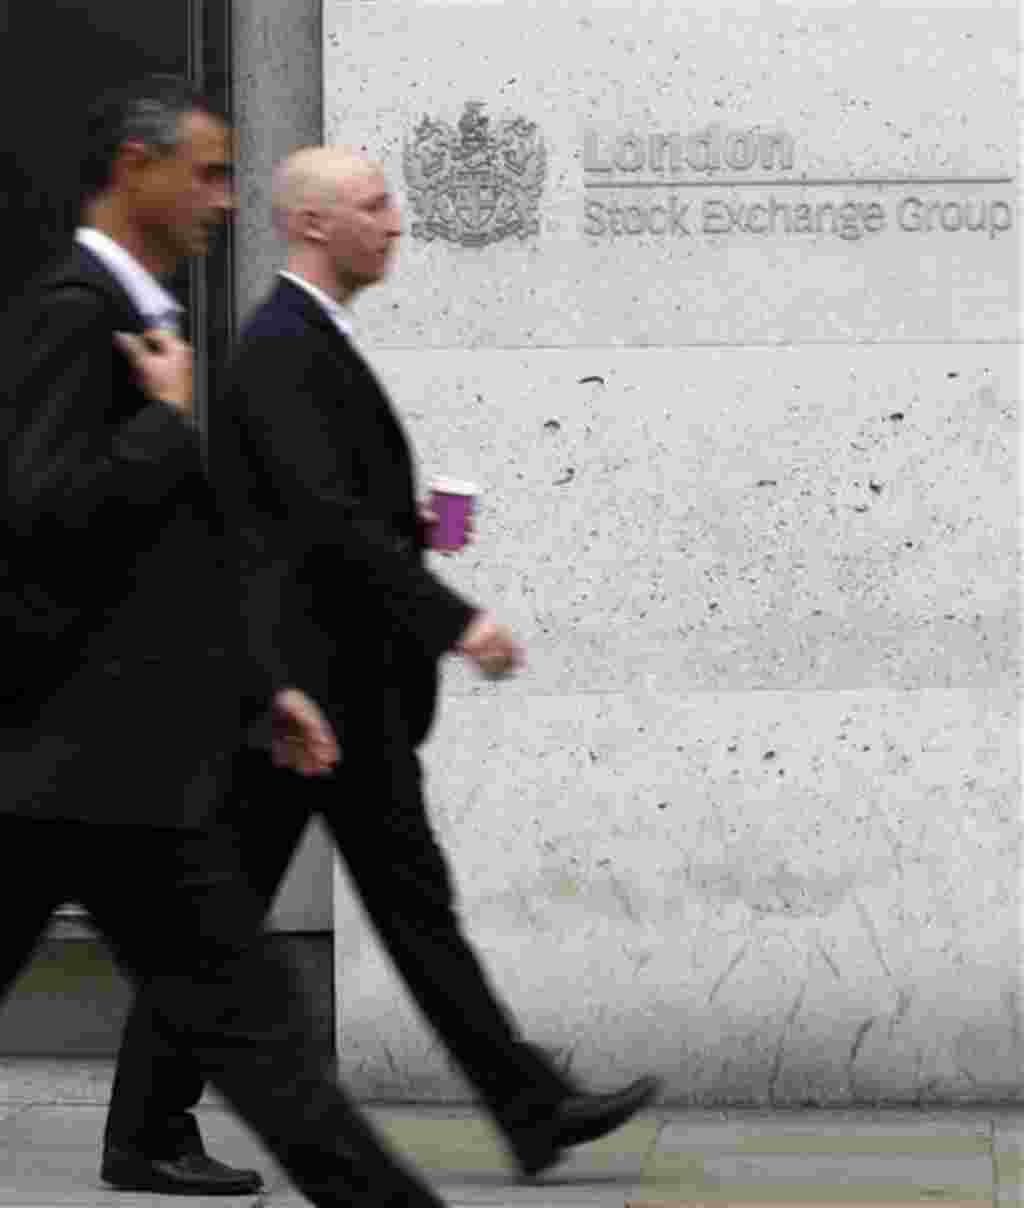 La Bolsa de Londres registró pérdidas con el anuncio del plan multibillonario de rescate para la zona euro.